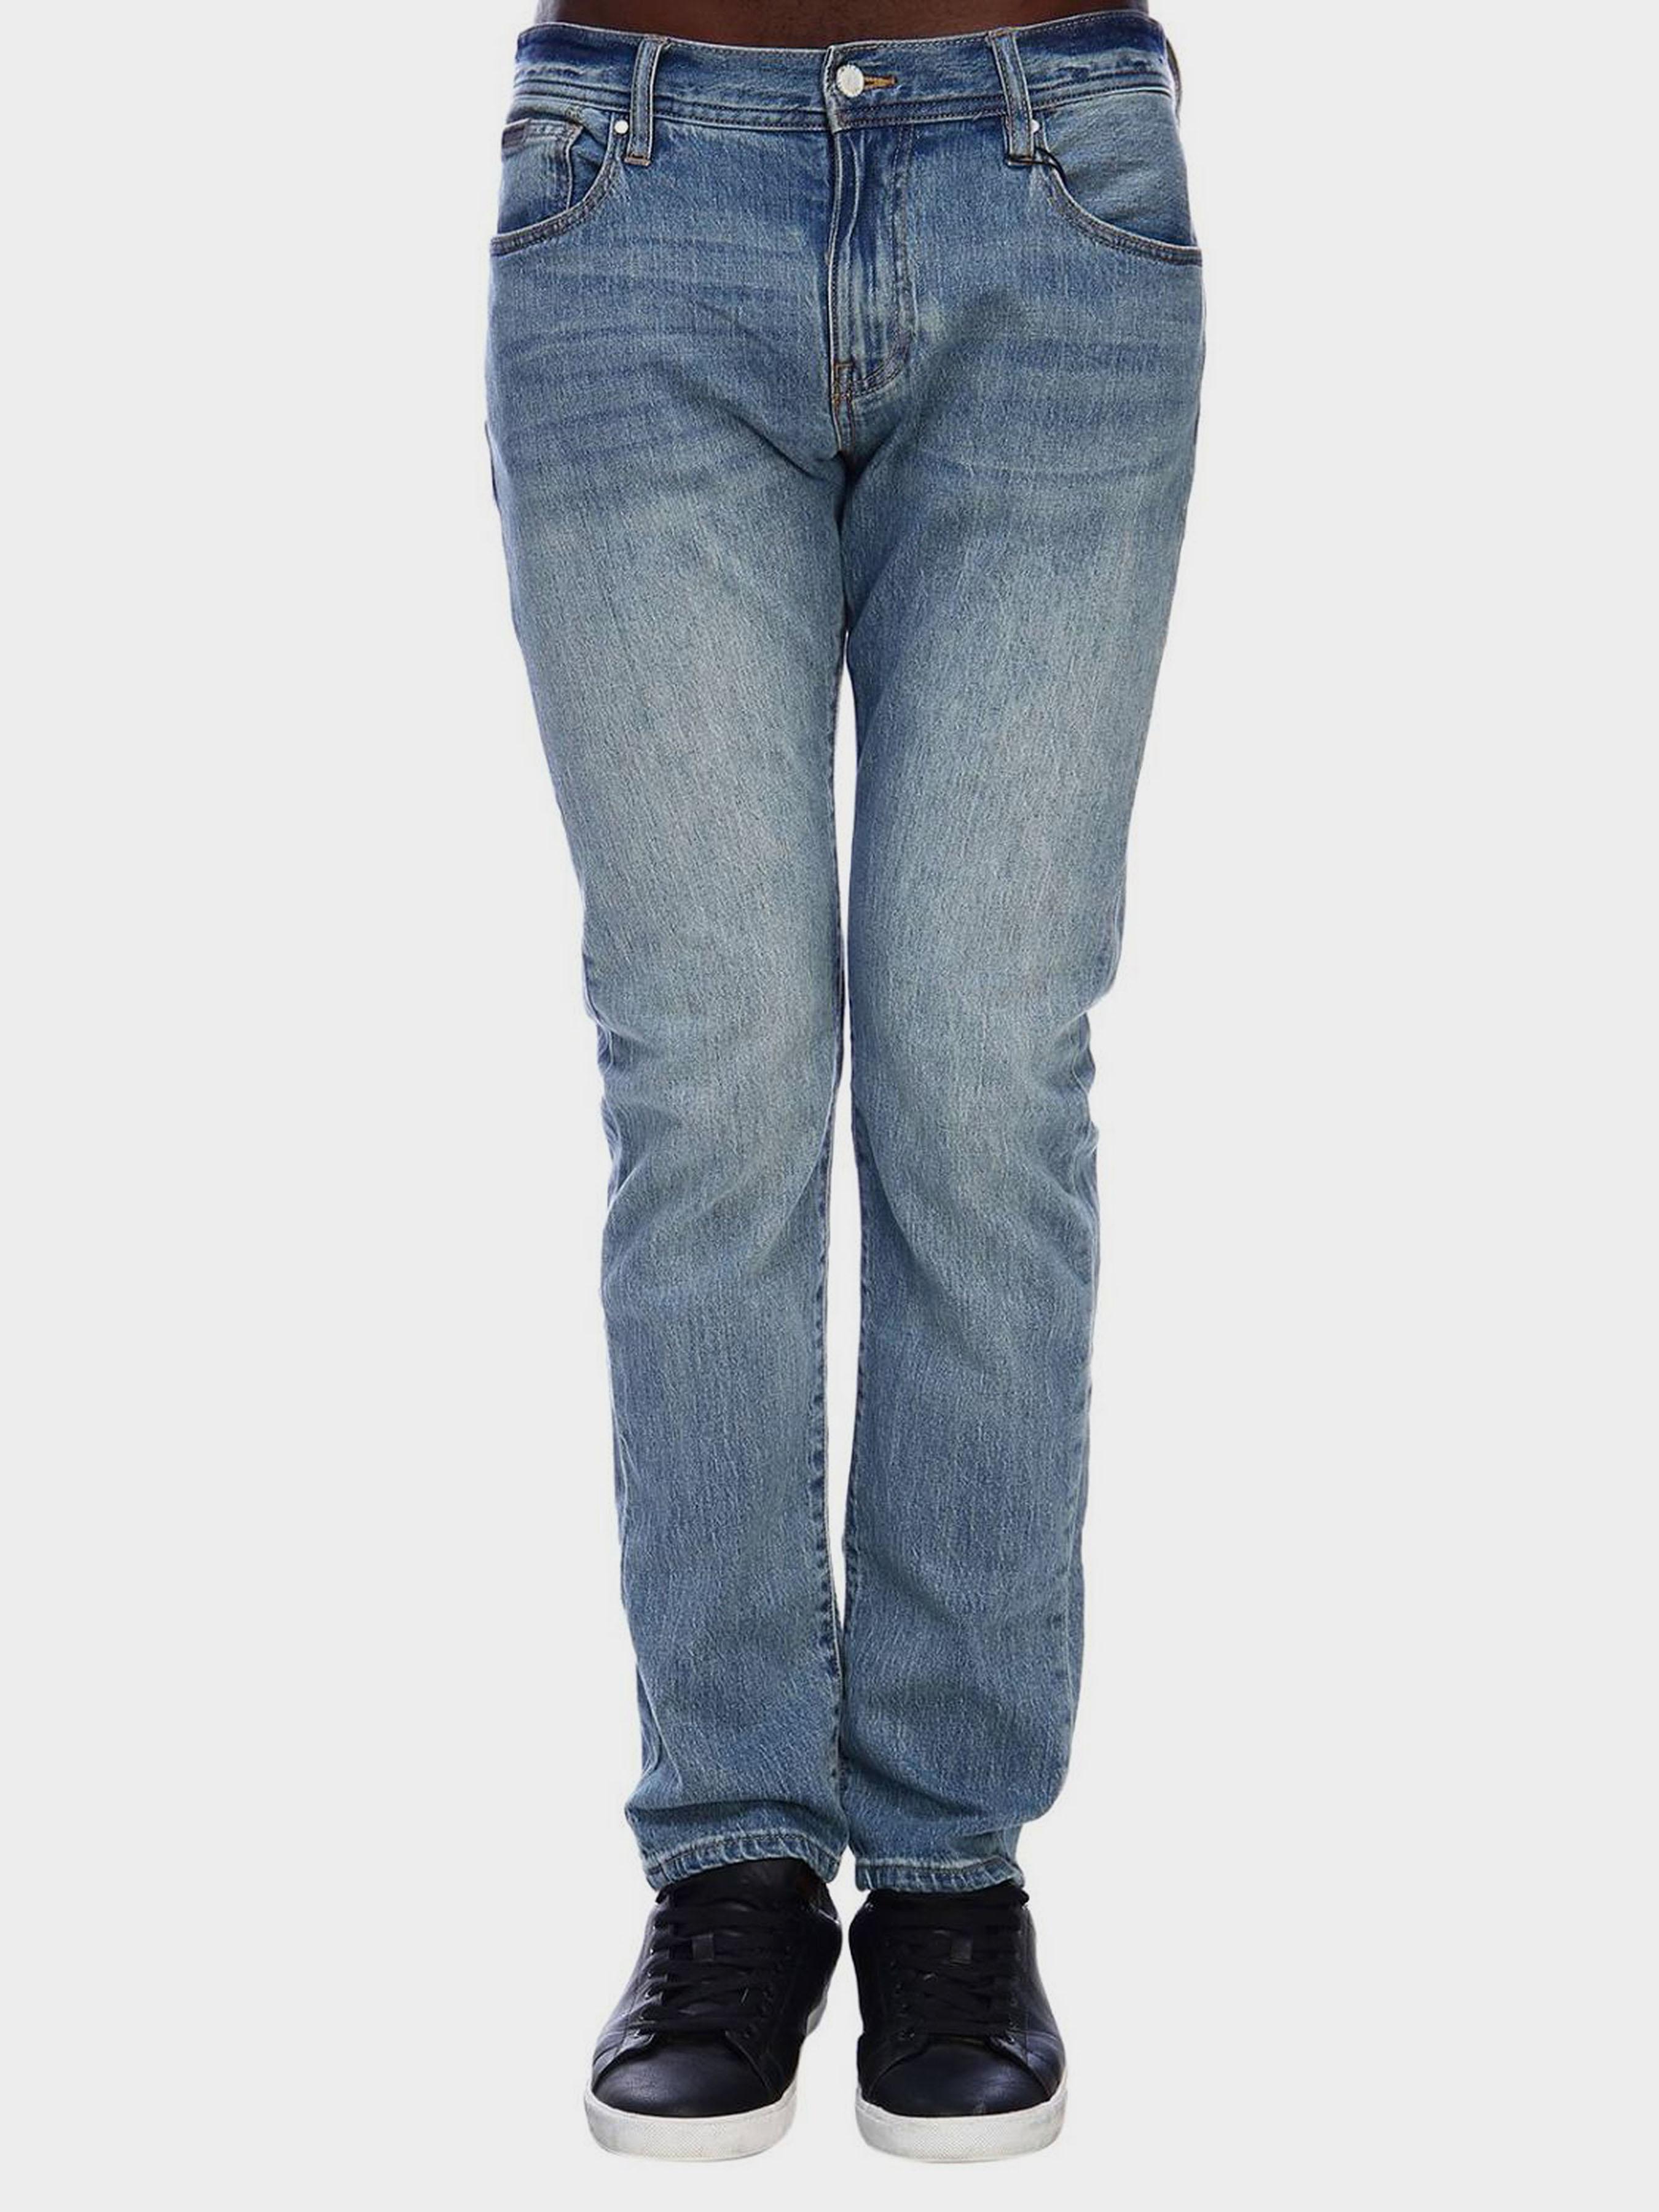 Джинсы мужские Armani Exchange модель WH2024 отзывы, 2017